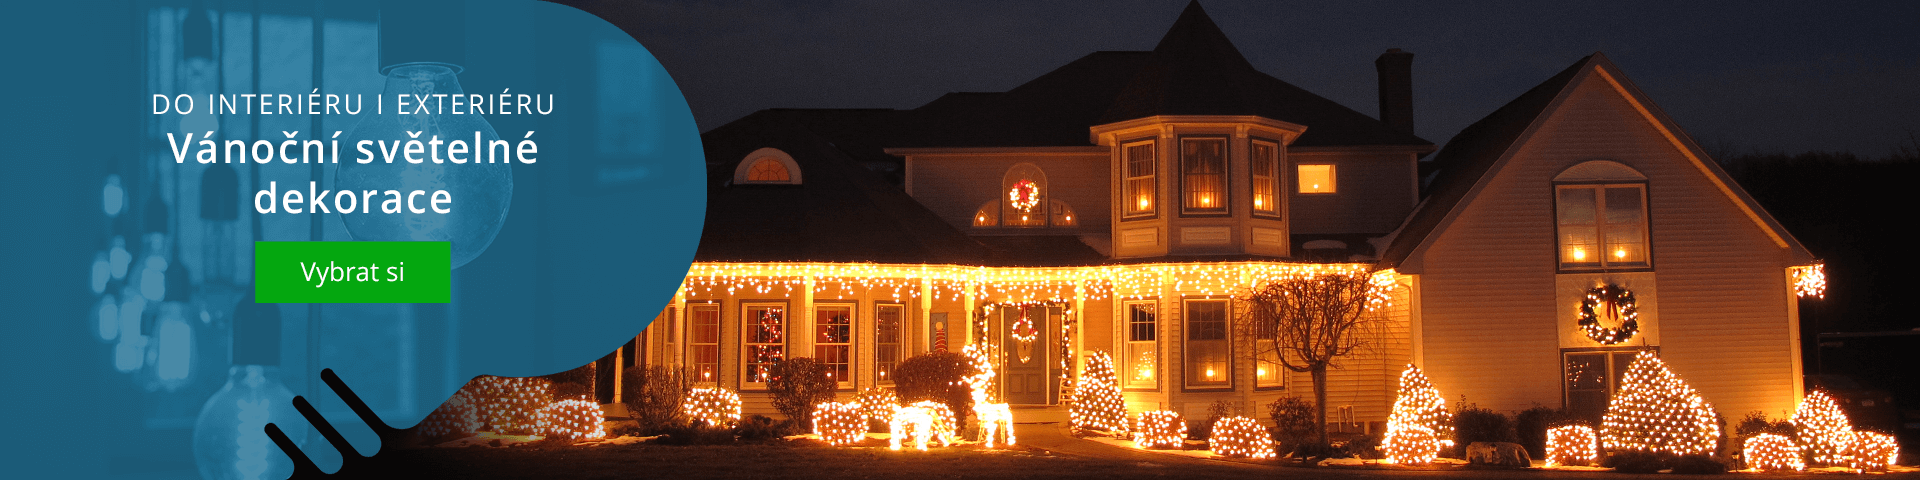 Široký výběr vánočního osvětlení